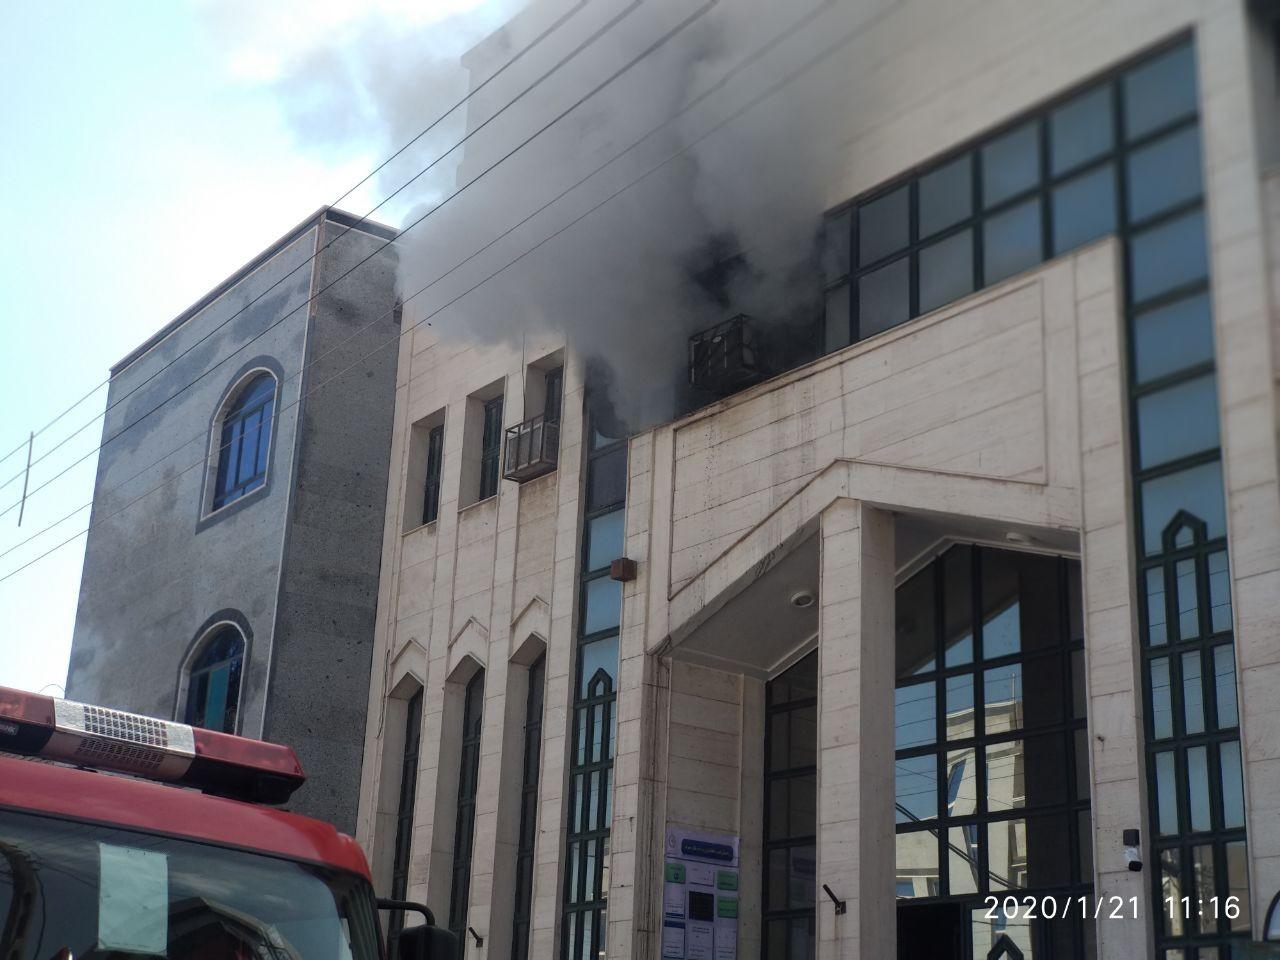 آتش سوزی در مهمانسرای بانک ملی زاهدان / حادثه خسارت جانی نداشت